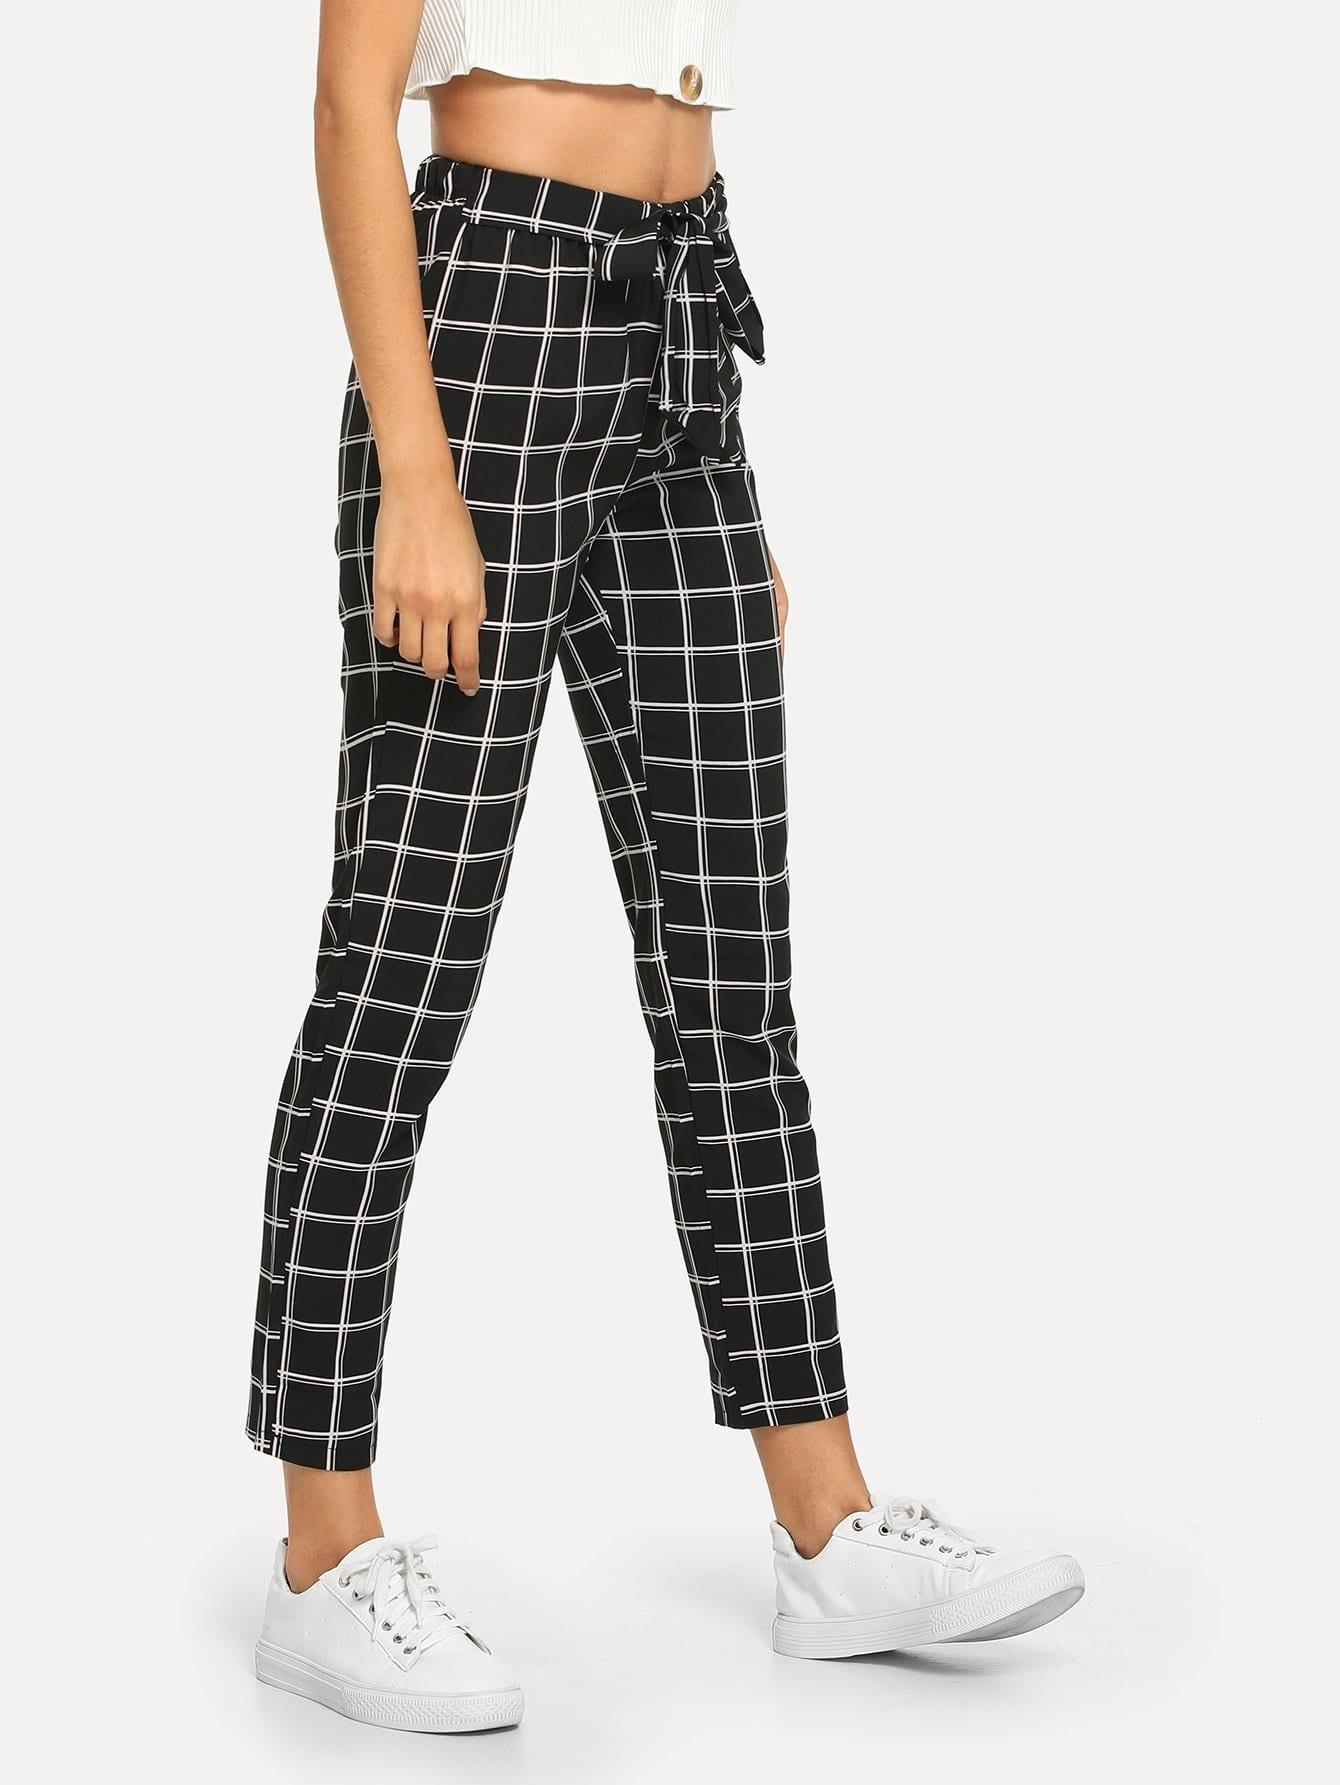 pantalon carreaux avec n ud french shein sheinside. Black Bedroom Furniture Sets. Home Design Ideas